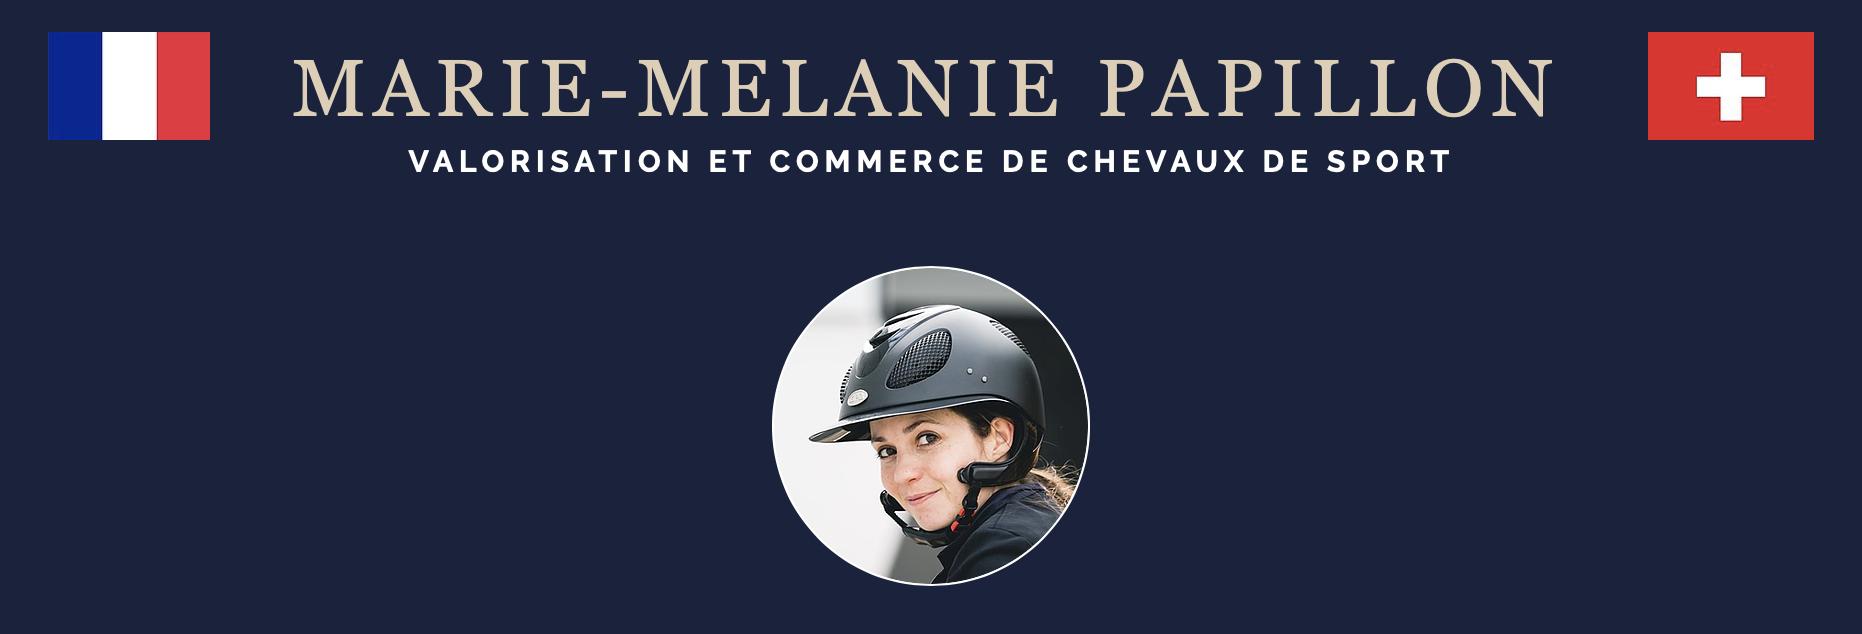 Marie Mélanie PAPILLON – Valorisation et commerce de chevaux de sport